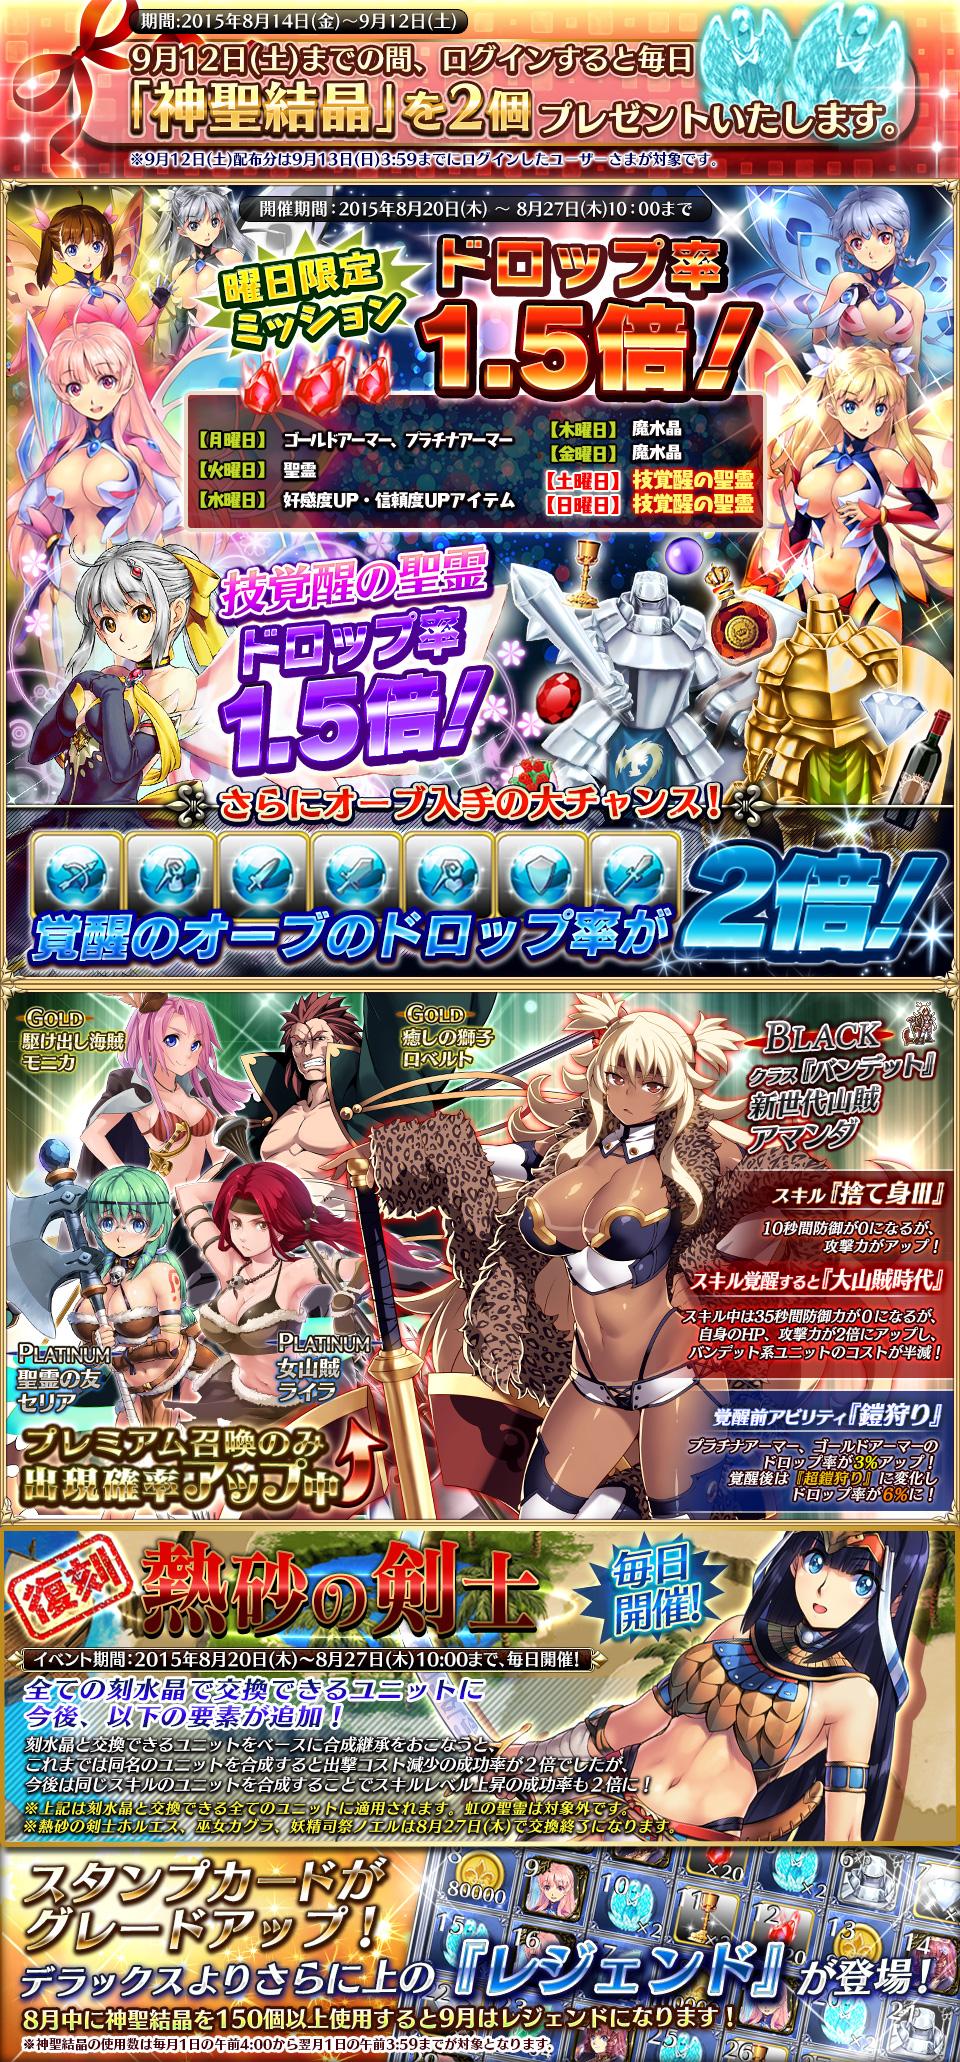 イベント広告_20150820